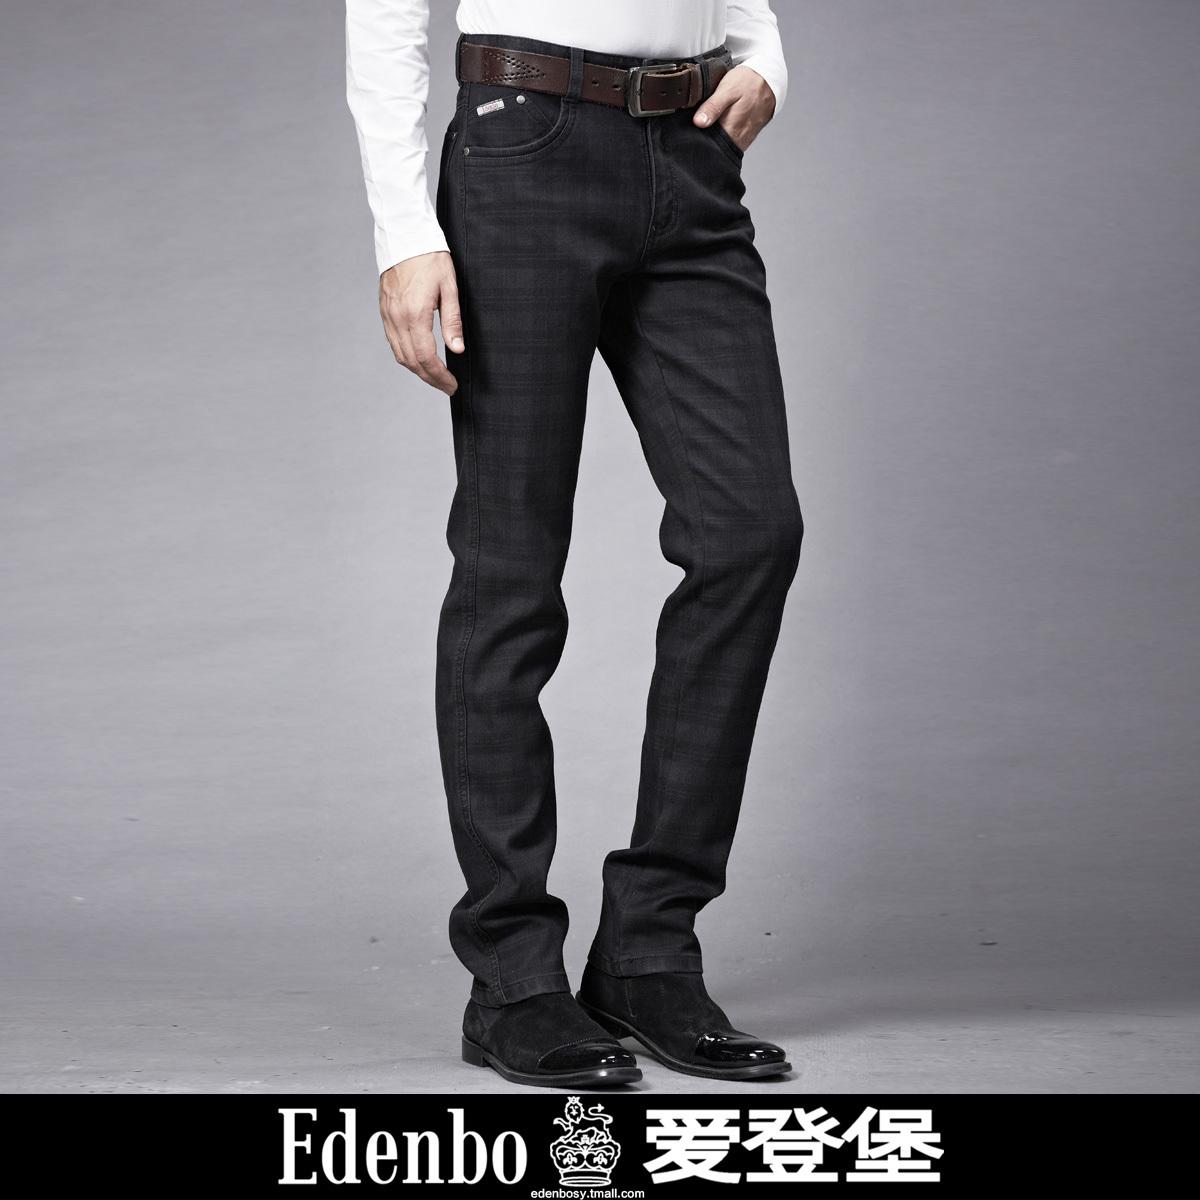 爱登堡 正品时尚休闲裤子 男装裤子 潮修身休闲裤 男15demoha028